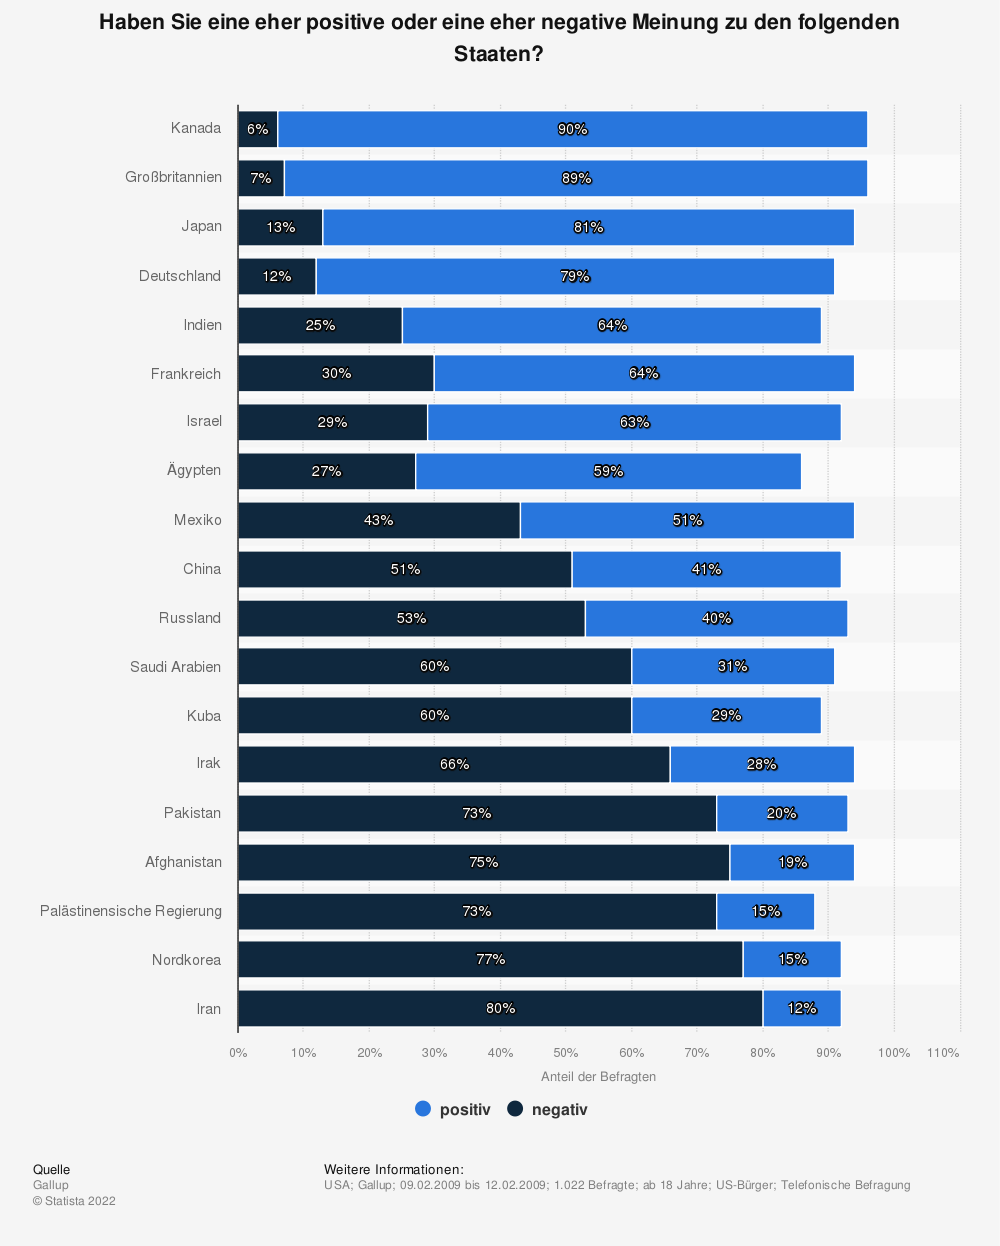 Statistik: Haben Sie eine eher positive oder eine eher negative Meinung zu den folgenden Staaten? | Statista